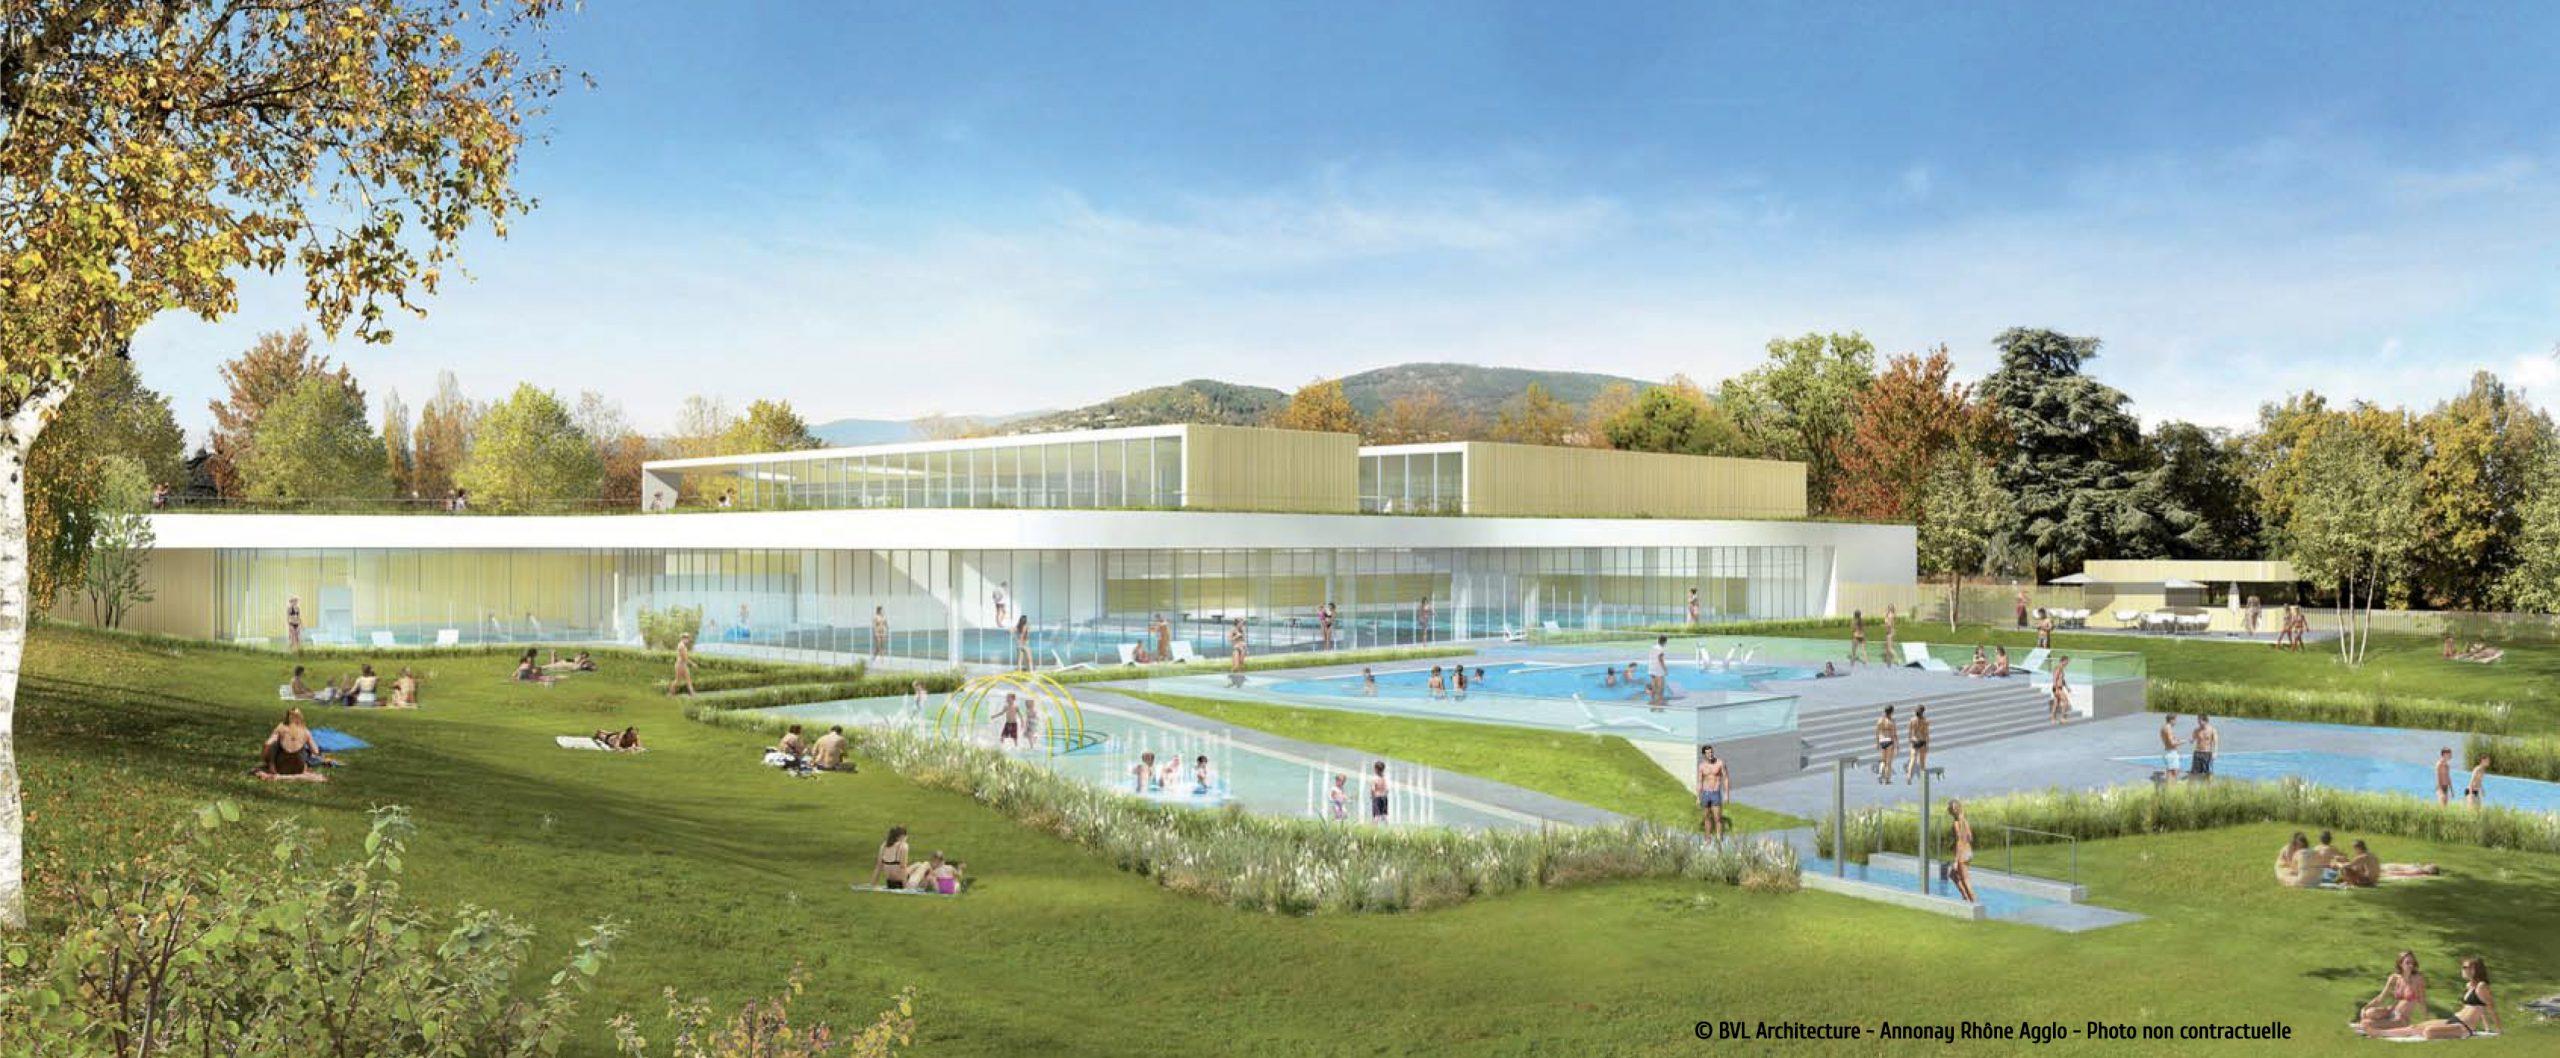 Plongez Dans Votre Futur Centre Aquatique Aquavaure ... destiné Piscine Annonay